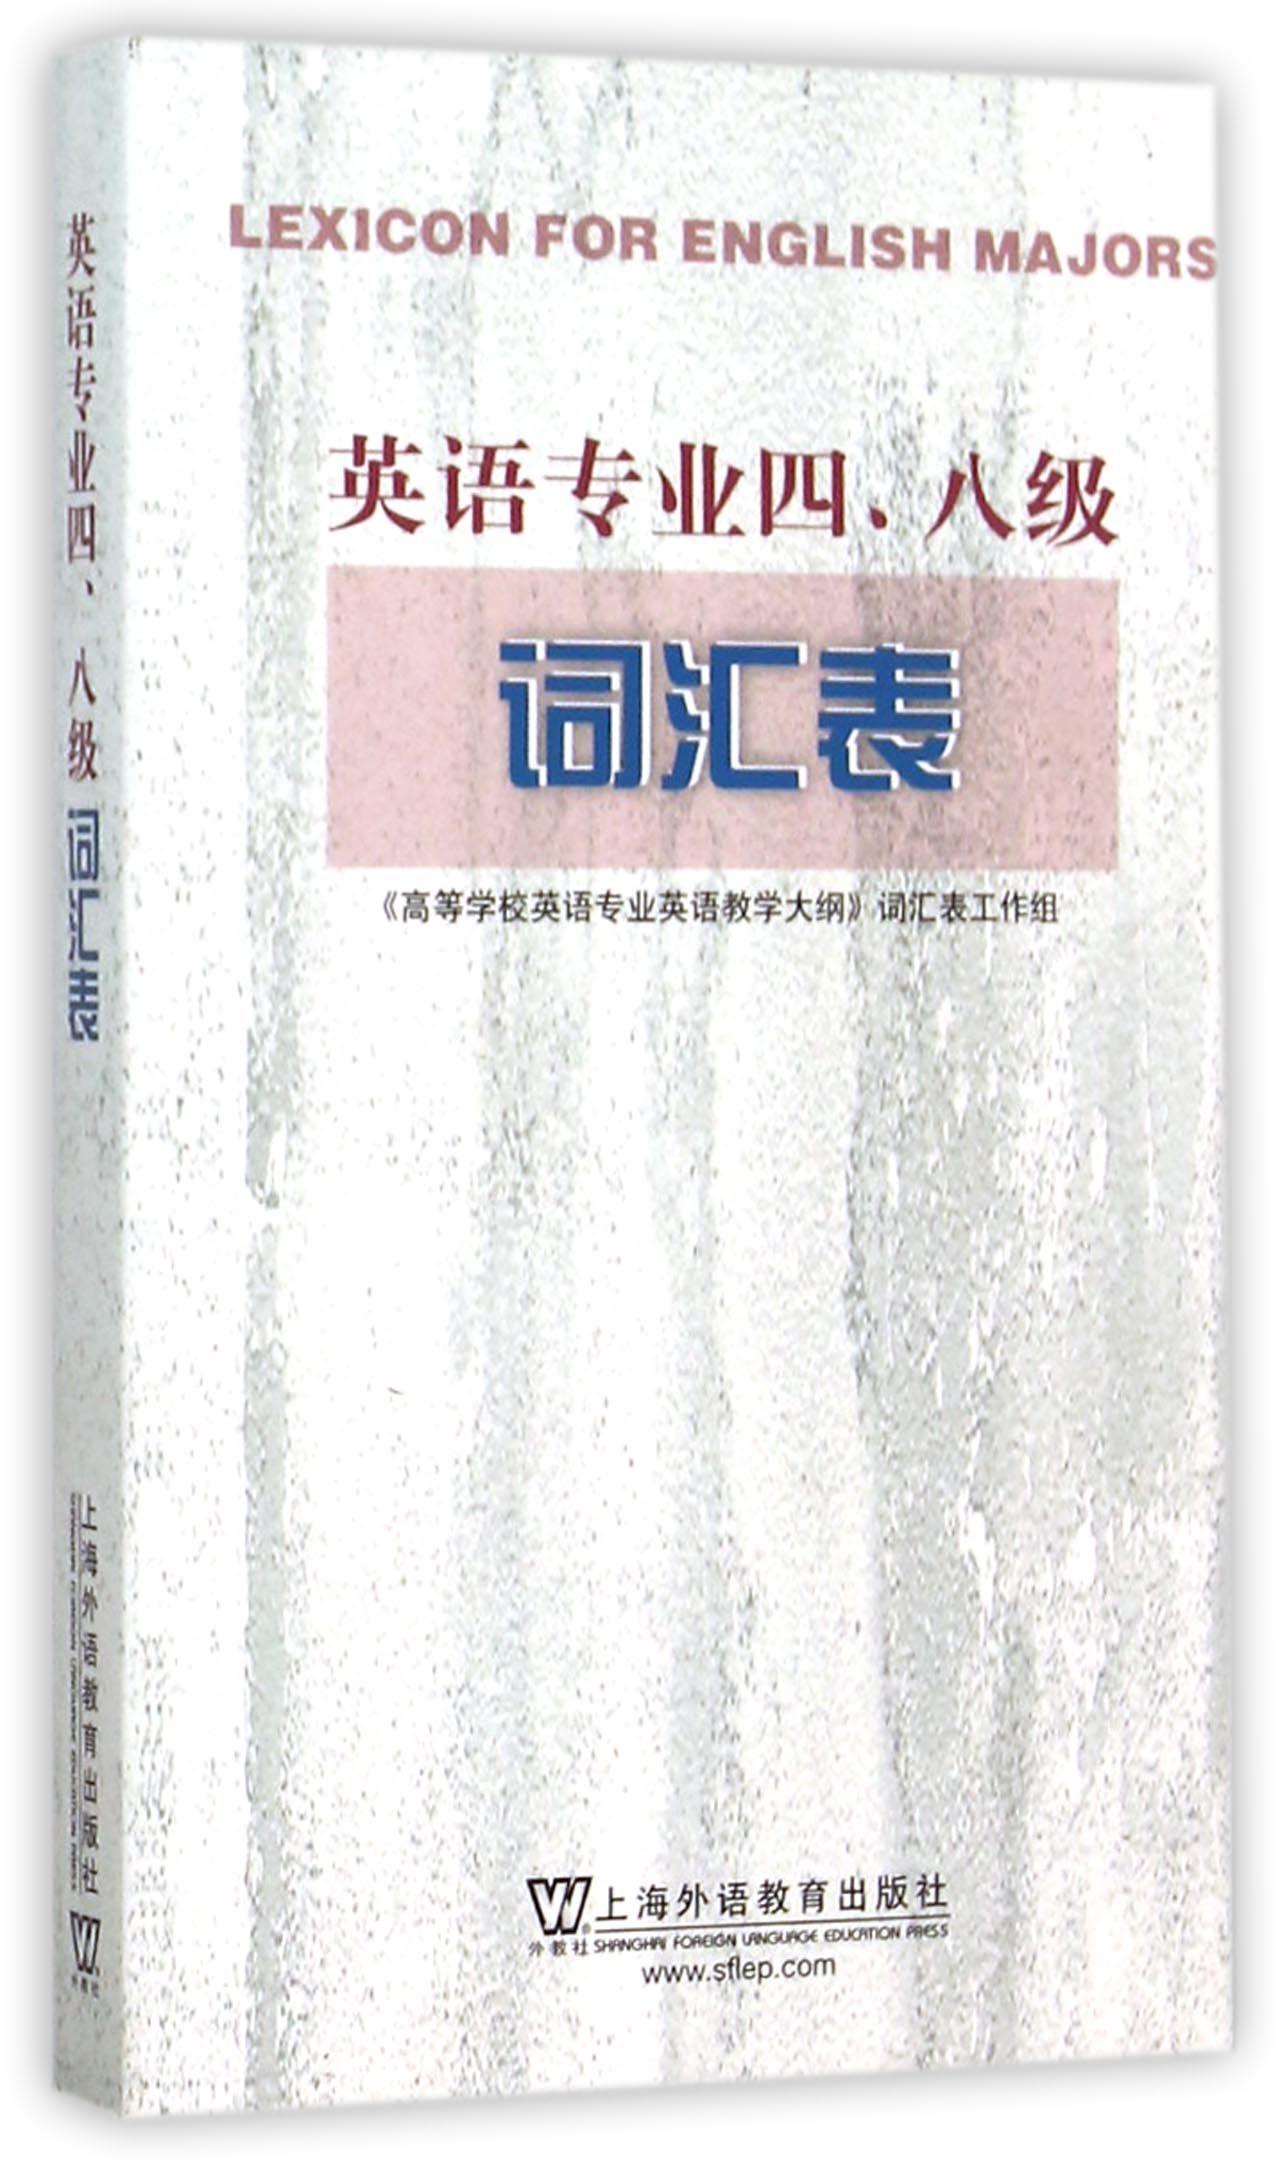 本书工作组编编写的《英语专业四八级词汇表》 是2000年1月获教育部批准实施的《高等学校英语专 业英语教学大纲》的配套附件。本词汇表在收集通用 词汇的同时,也广泛收集了部分语言学、文学、经济 学、传播学、教育学、管理学、经贸、法律、科技、 外交、政治、军事等方面的专业核心词汇,适量增大 ,扩至13000个词汇左右;收入常用动词词组、复合 介词、连词、形容词词组等,同时酌量收入一些常用 名词词组,还收入一部分常用的派生词,释义在词条 后列出。